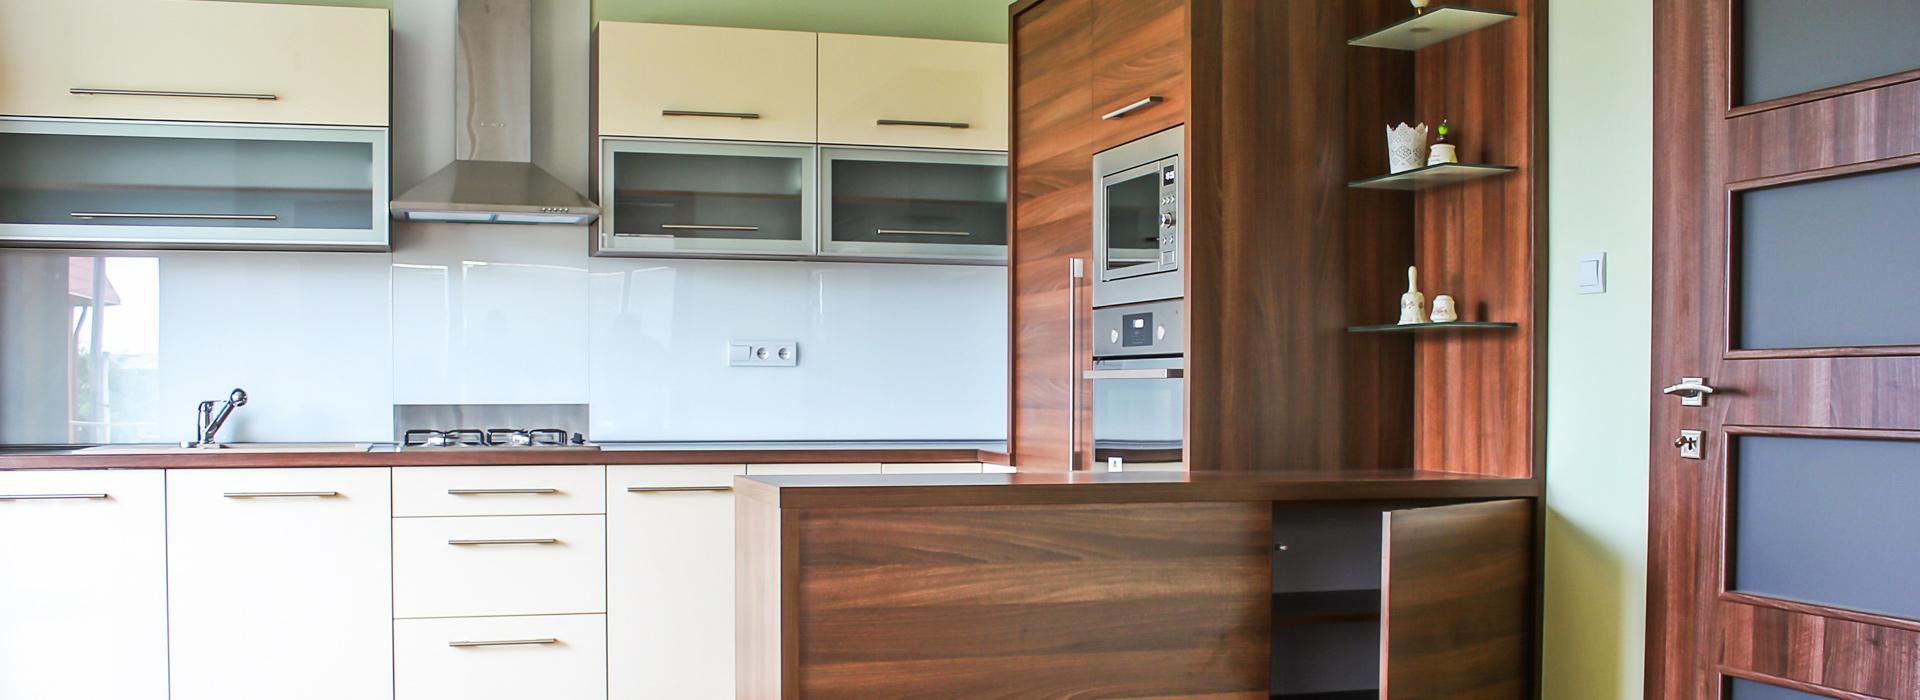 slide1 nábytok na mieru Nábytok na mieru Košice slide1